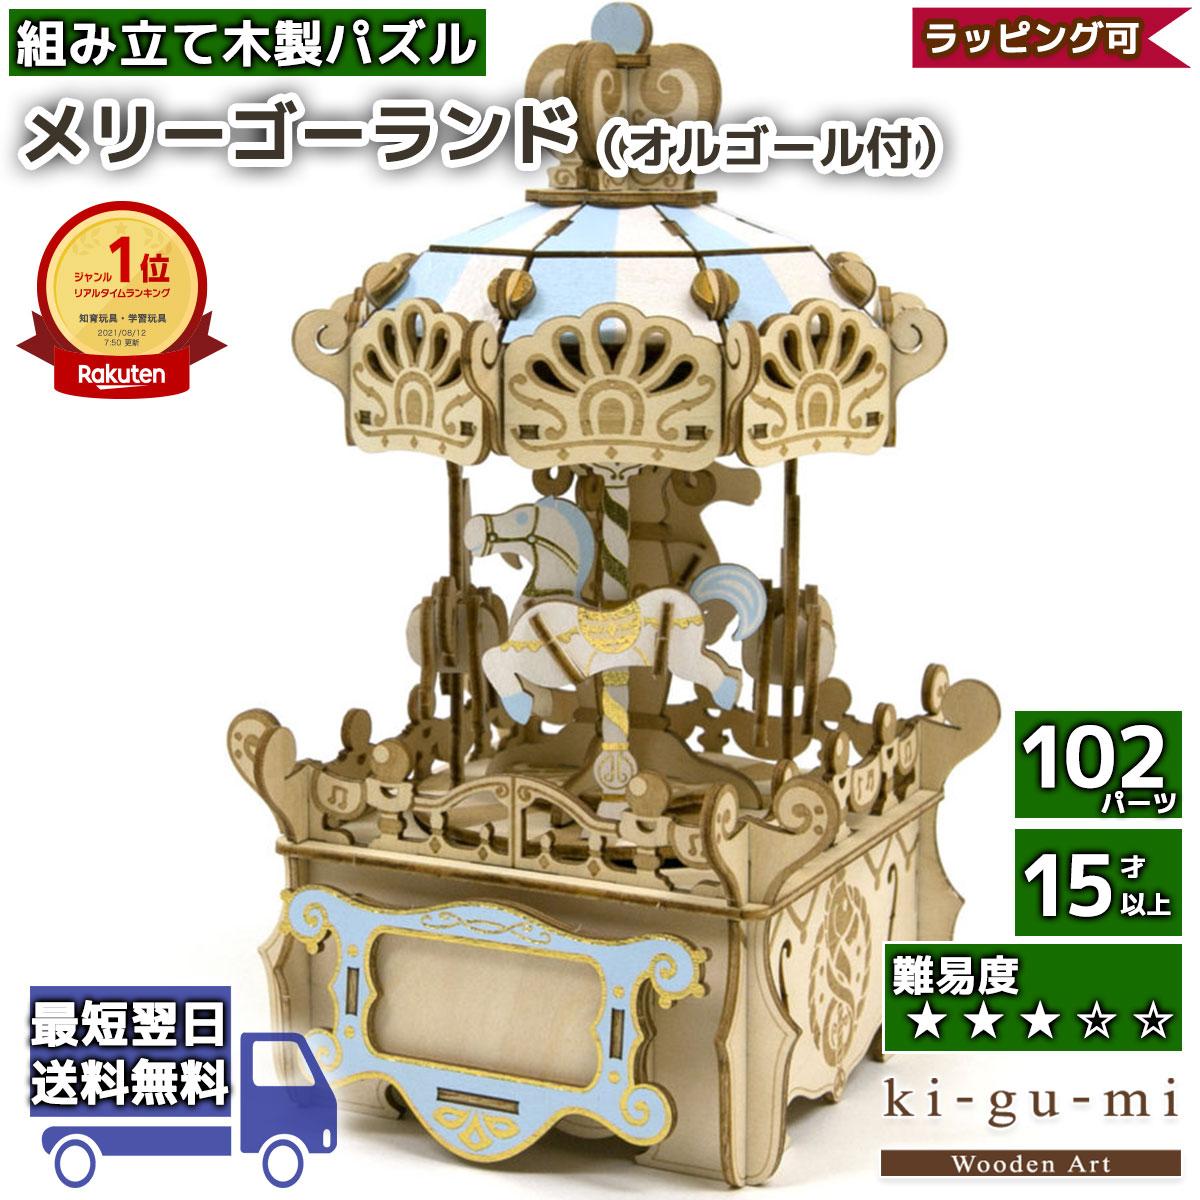 知育玩具・学習玩具, 知育パズル 19 FC P2 kigumi ki-gu-mi azone 3D